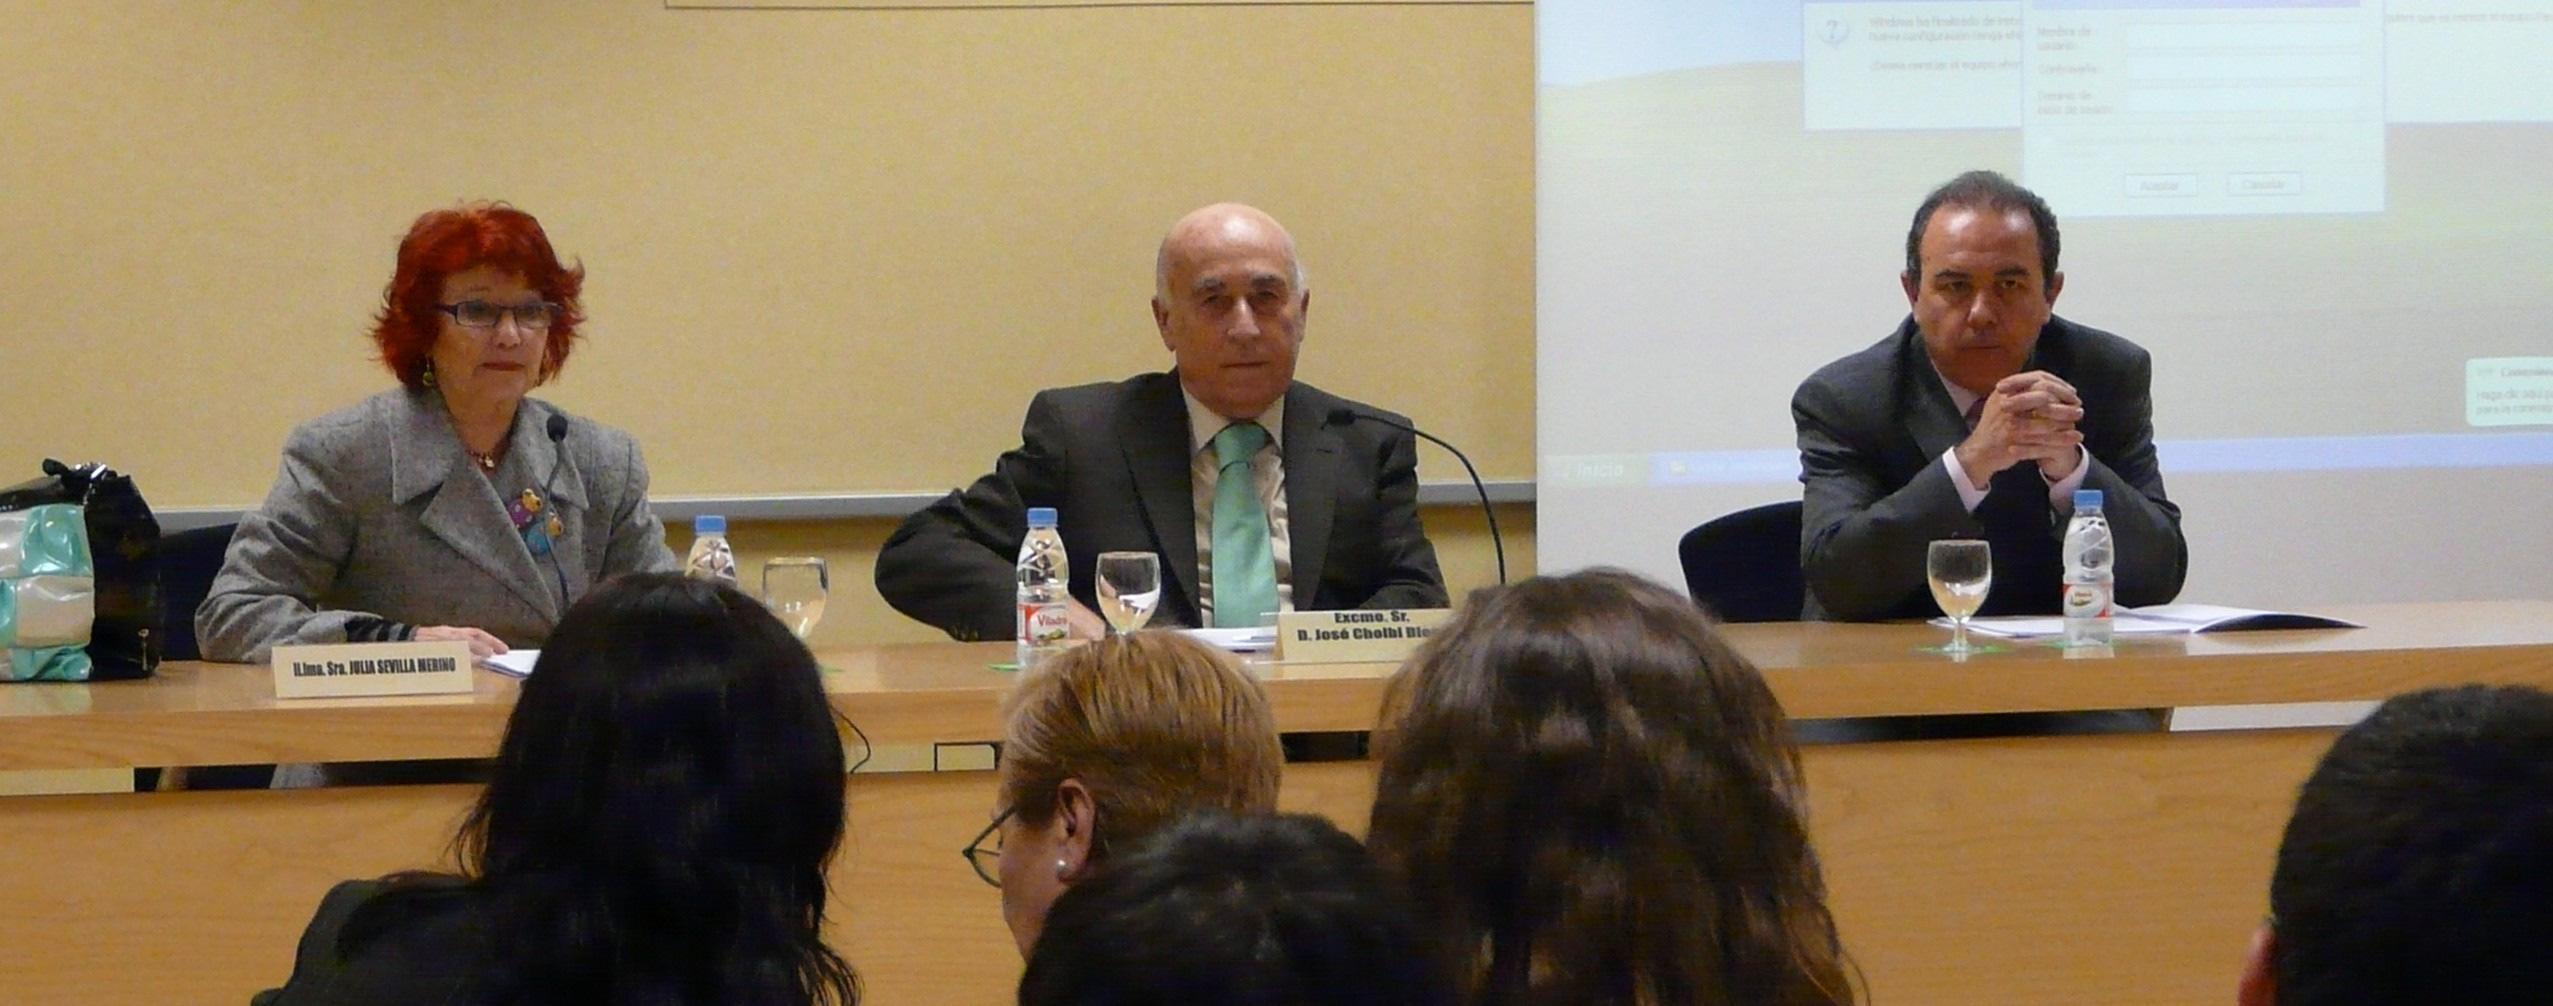 El Síndic imparte una conferencia en la Universidad de Valencia